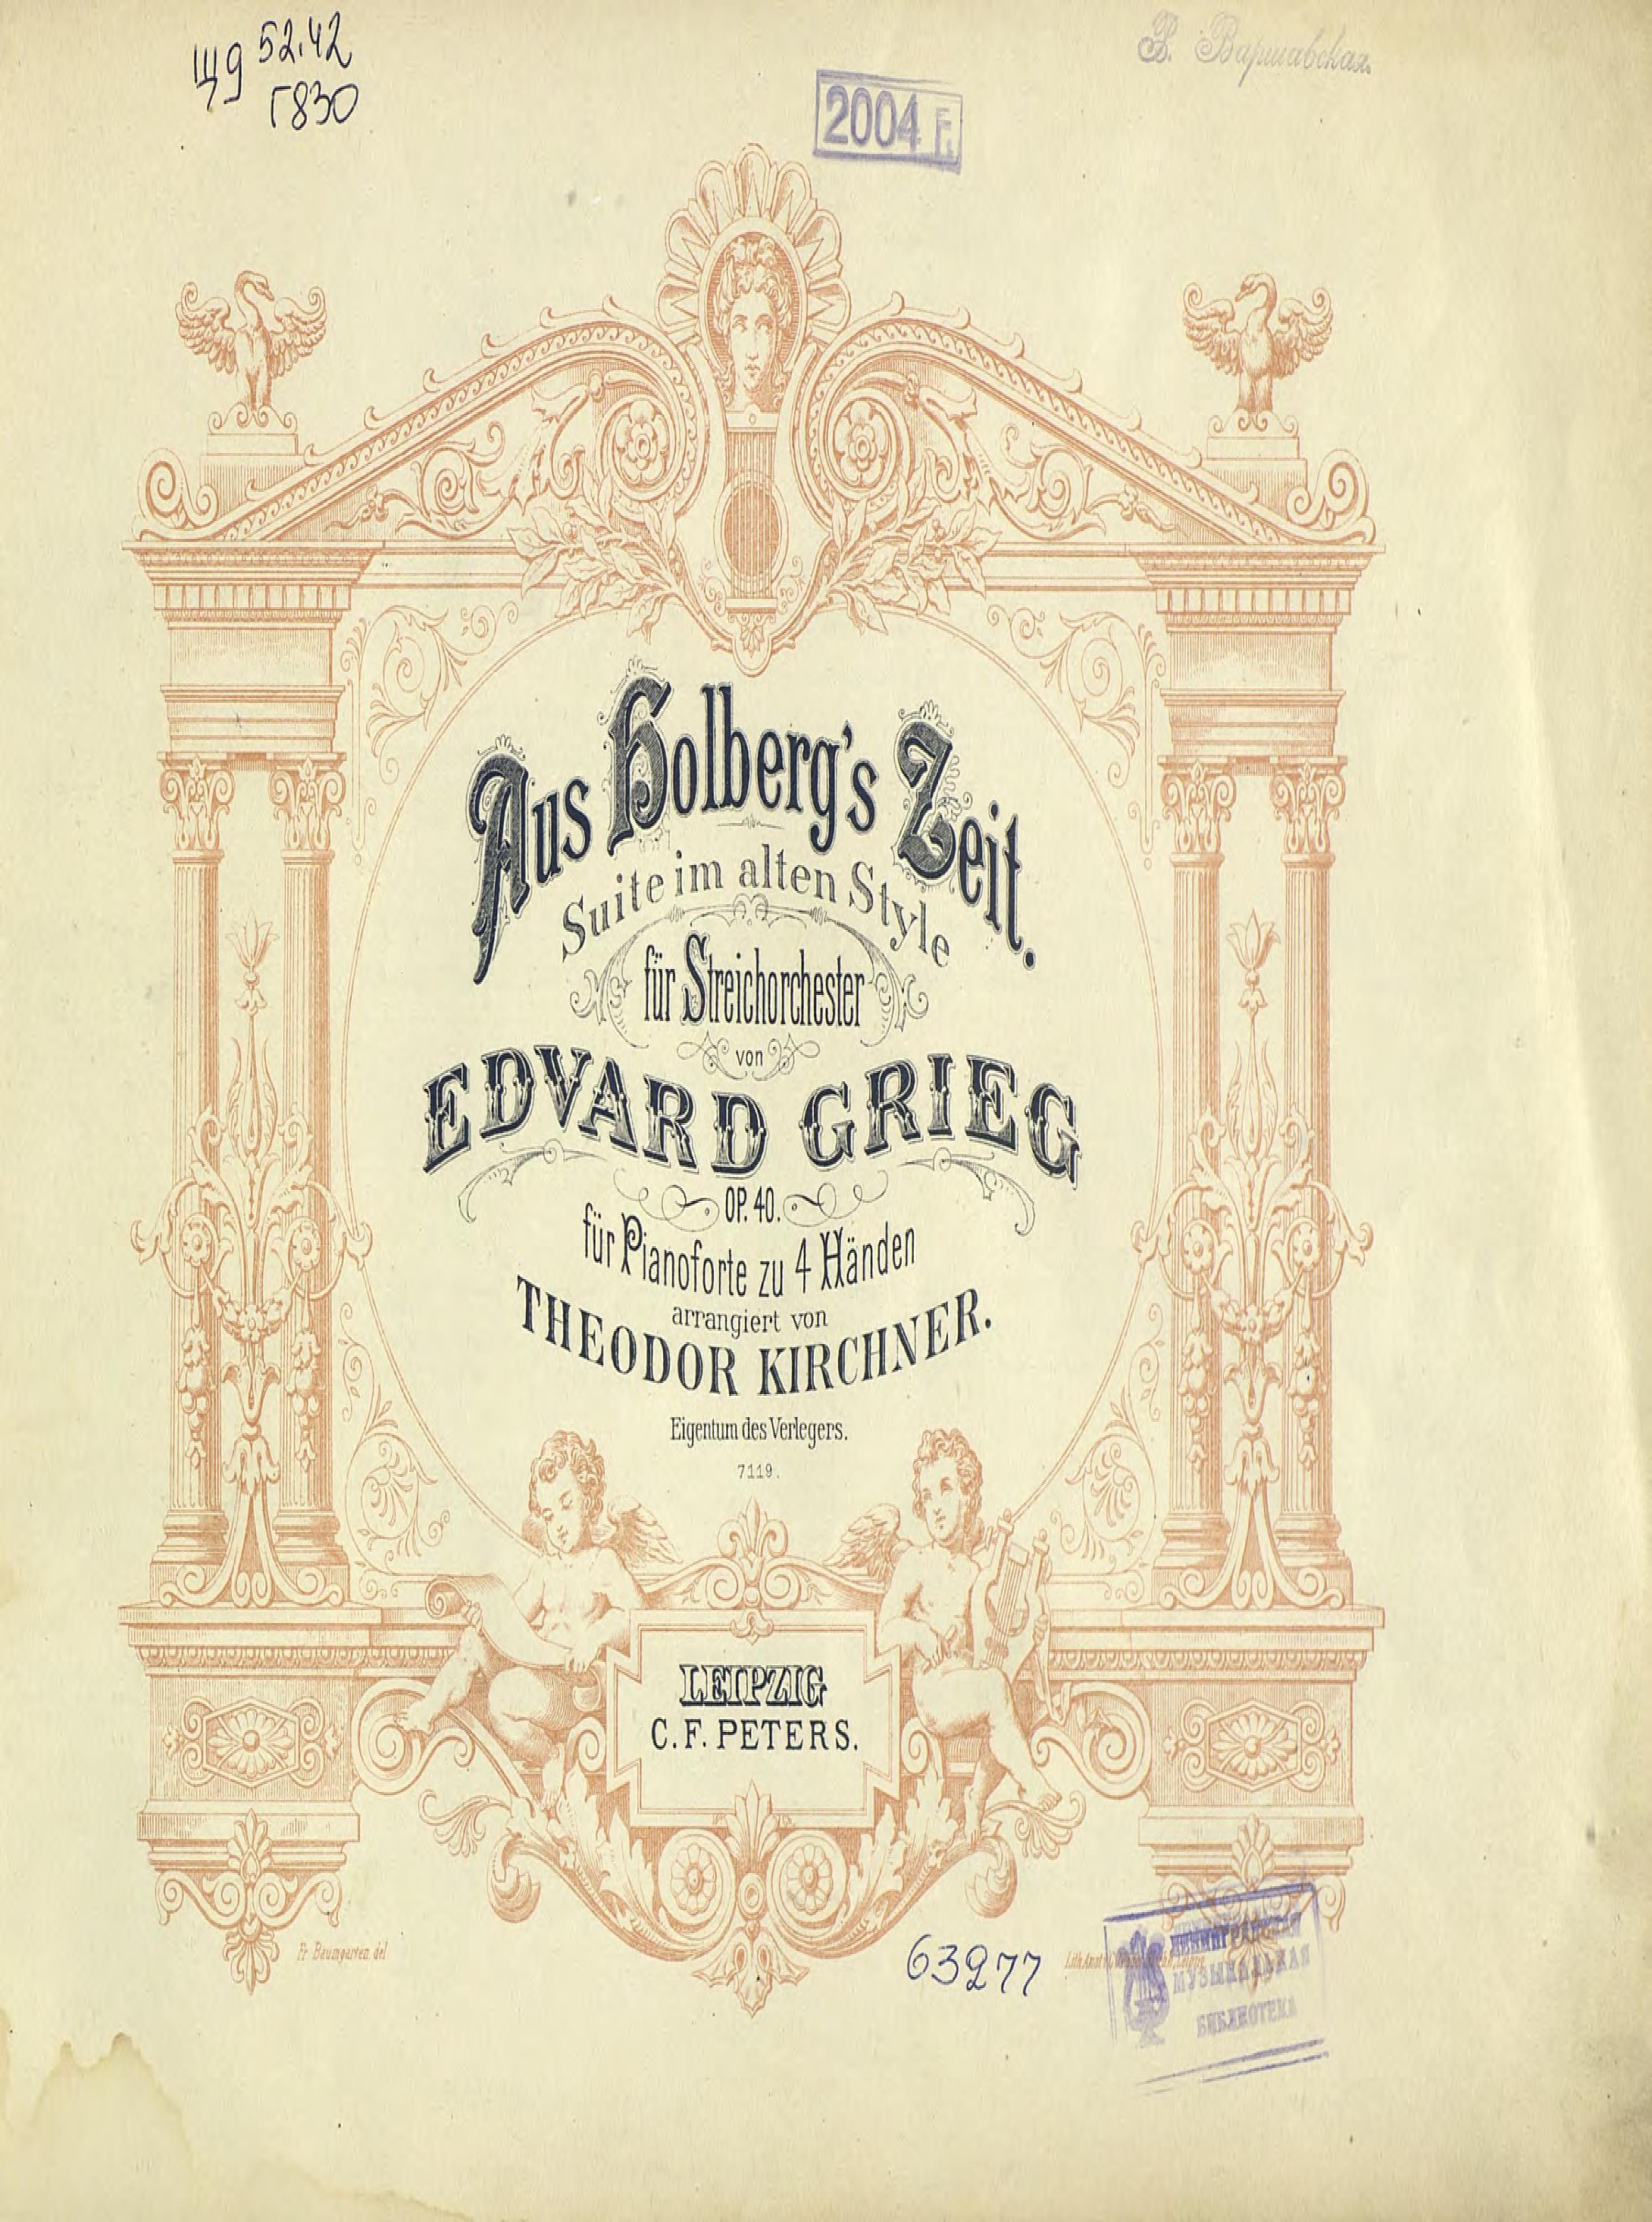 Эдвард Григ Aus Holberg's Zeit эдвард григ эдвард григ лирические пьесы для фортепиано тетрадь 9 сочинение 68 тетрадь 10 сочинение 71